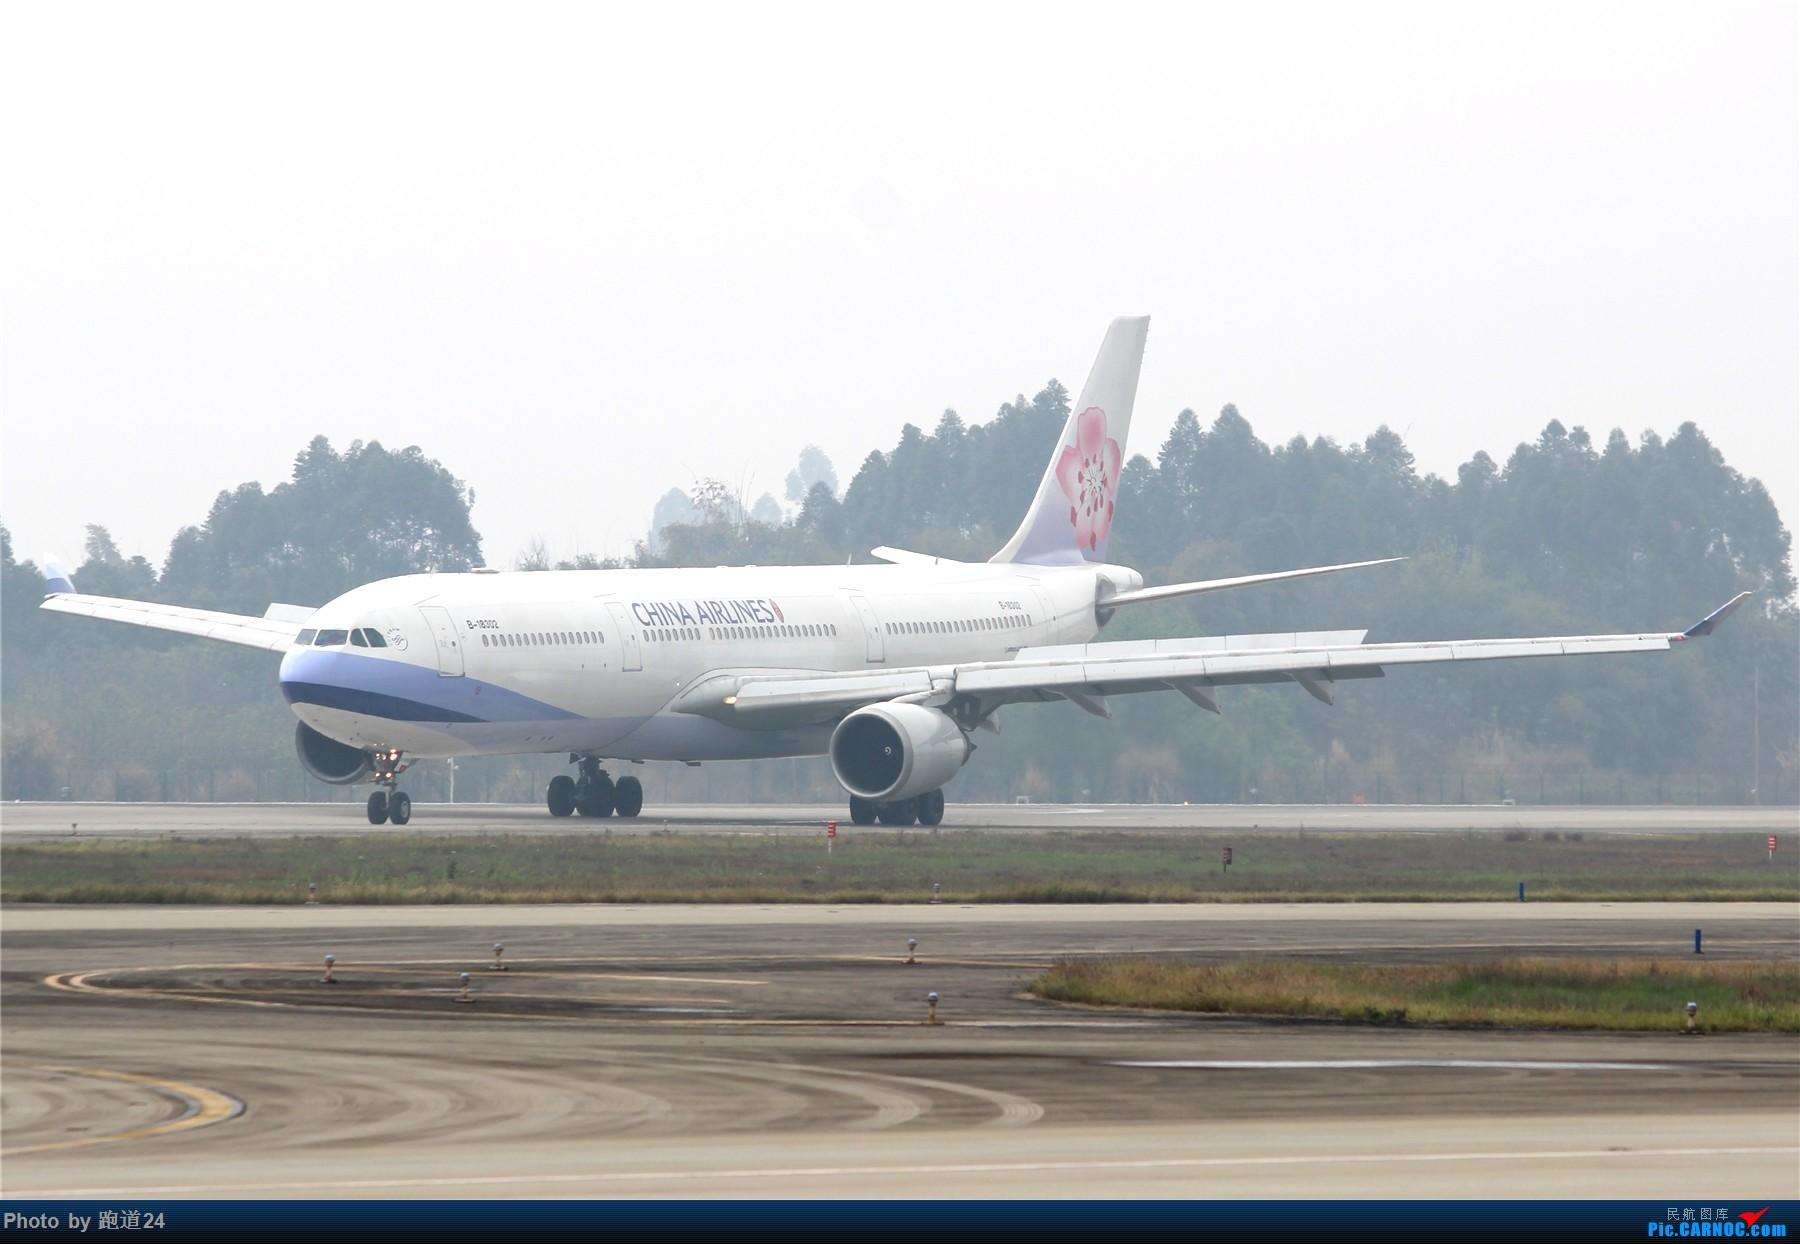 [原创]【多图党】中华航空 A330-302 B-18302 1800*1200 AIRBUS A330-300 B-18302 中国成都双流国际机场